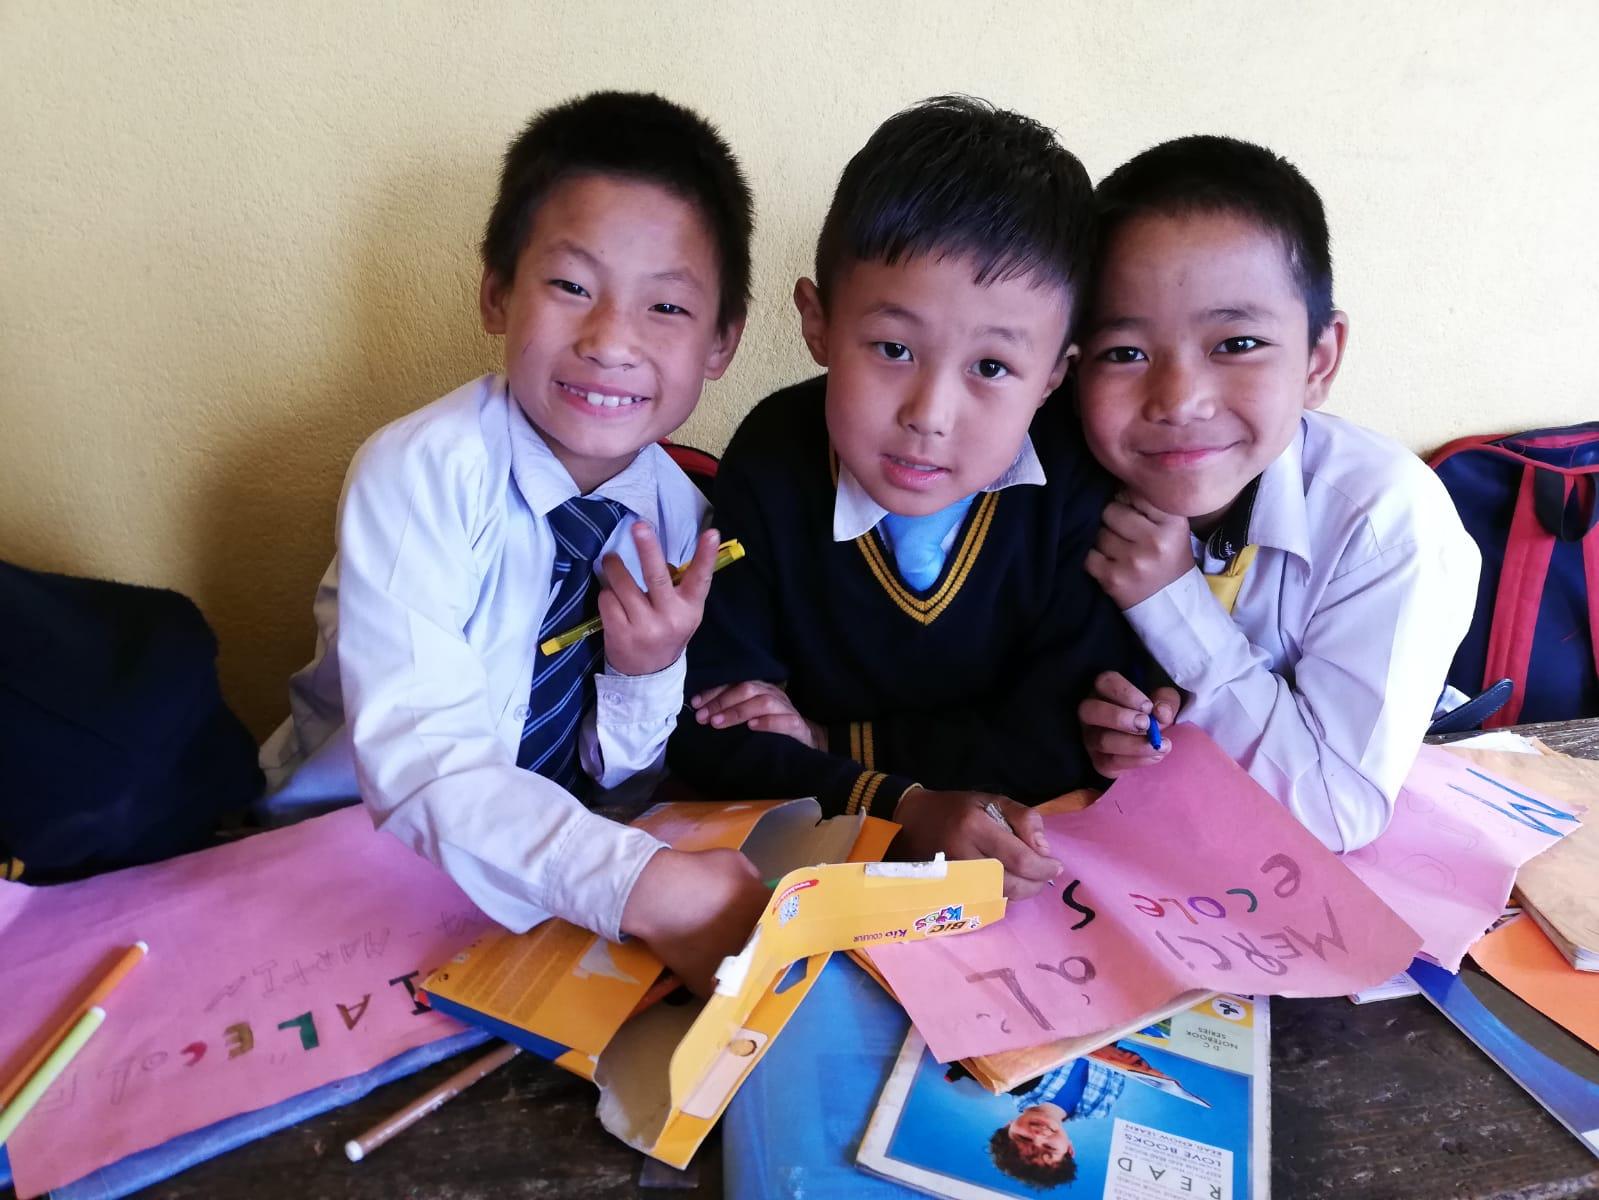 Ecole primaire dans l'Himalaya